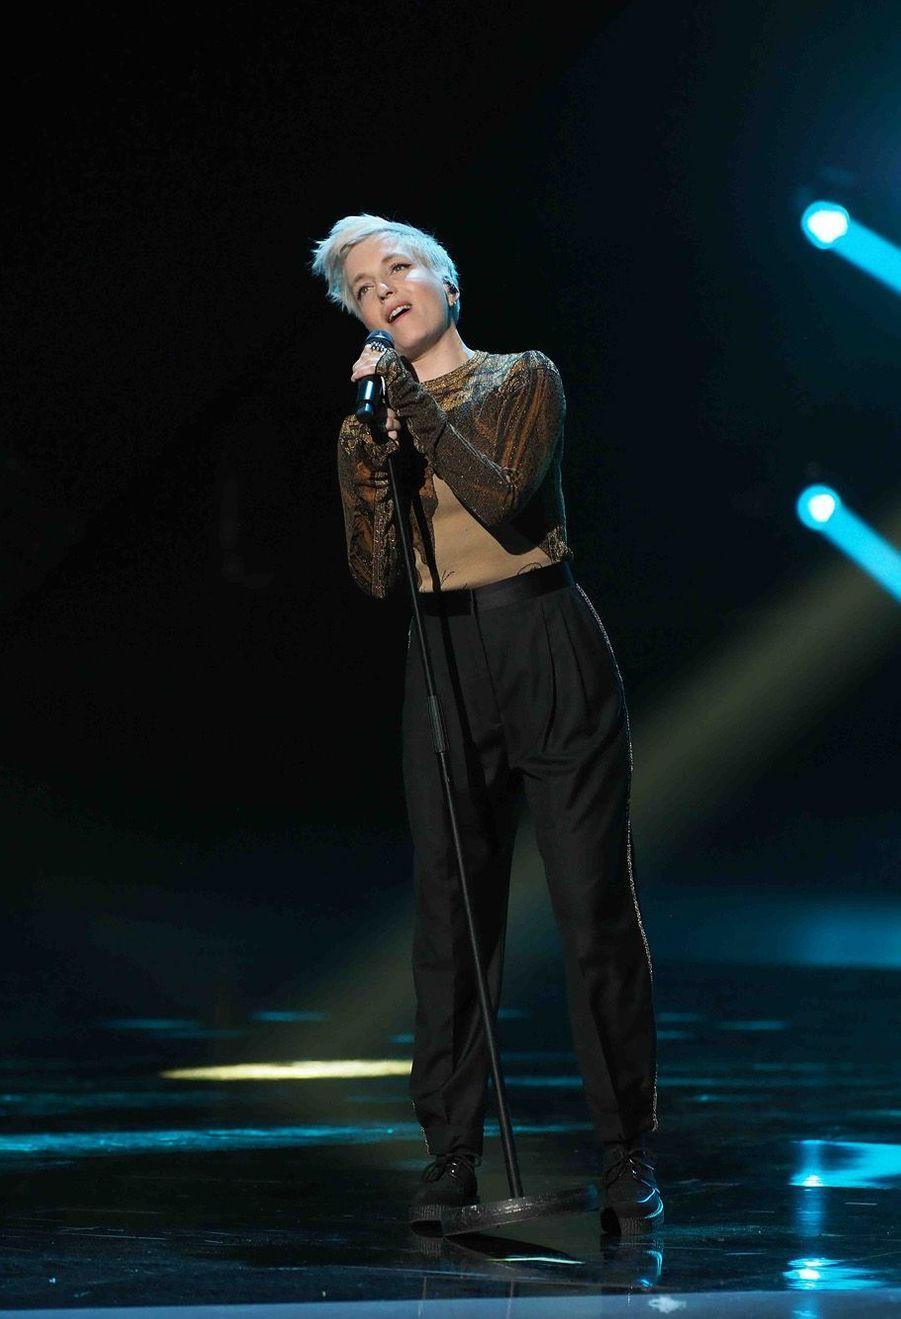 Artiste féminine: Jeanne Added. Elle remportera aussi le trophée de l'album rock.